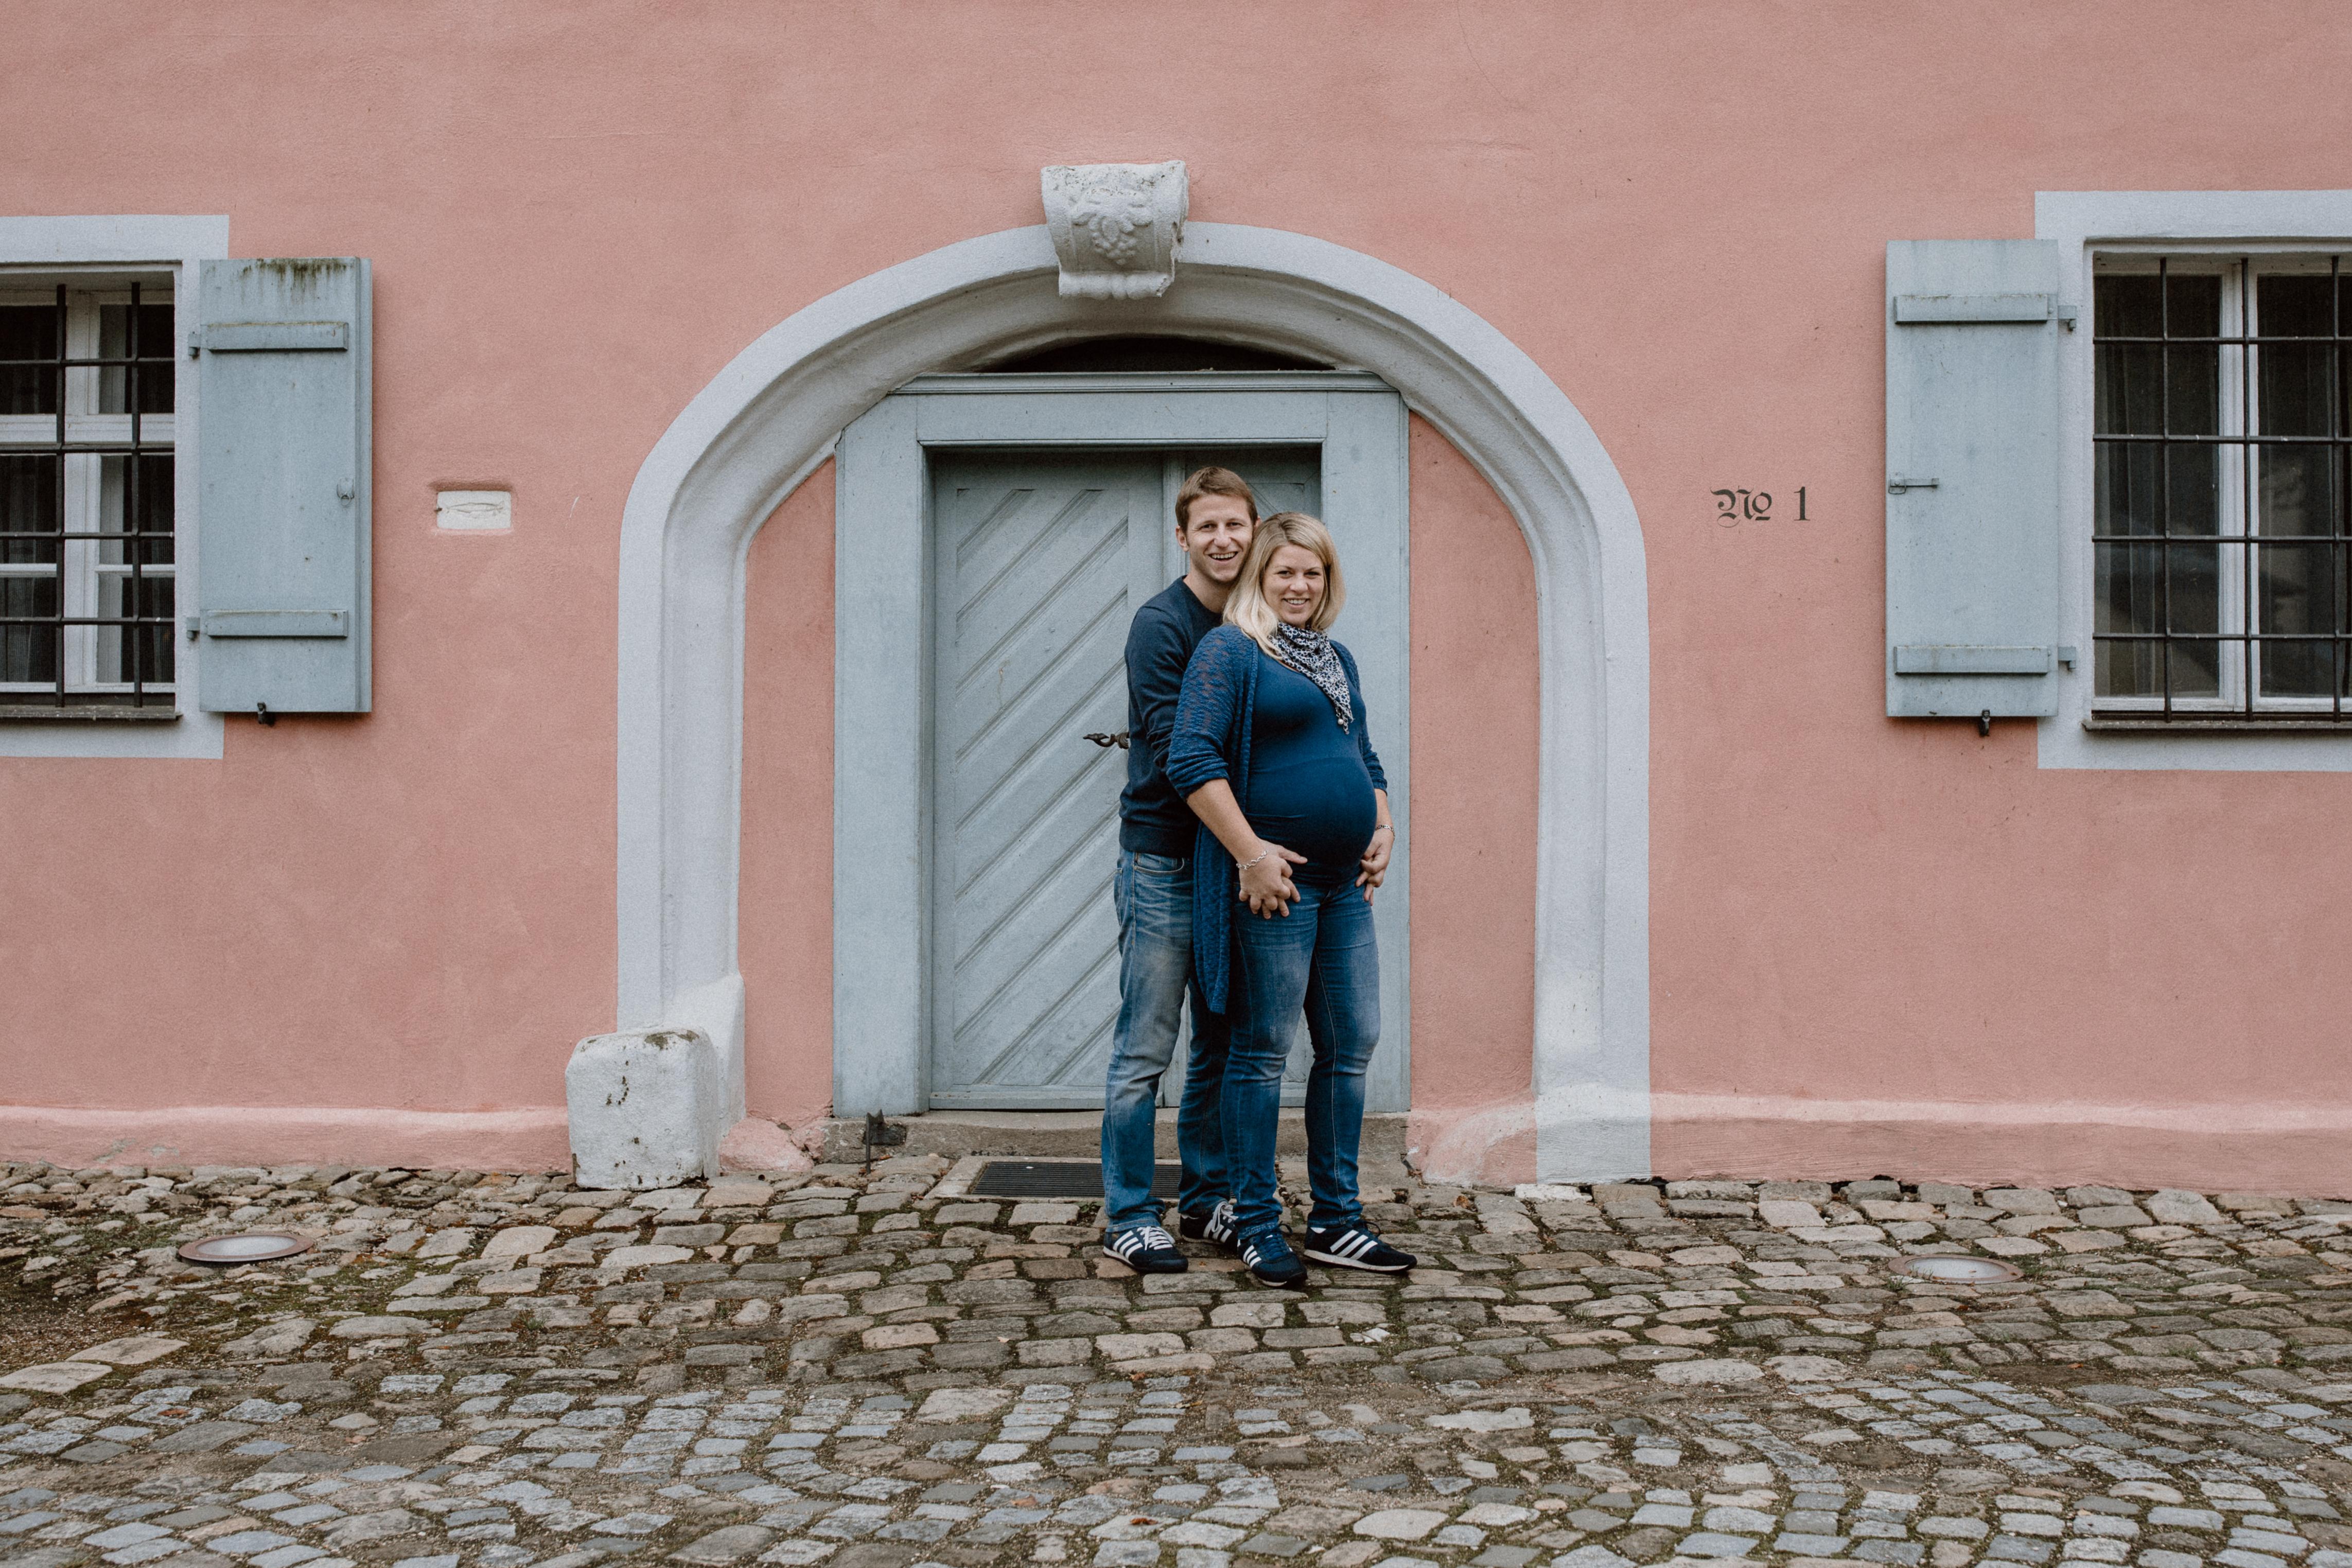 URBANERIE_Daniela_Goth_Fotografin_Nürnberg_Fürth_Erlangen_Schwabach_17902_001_0138